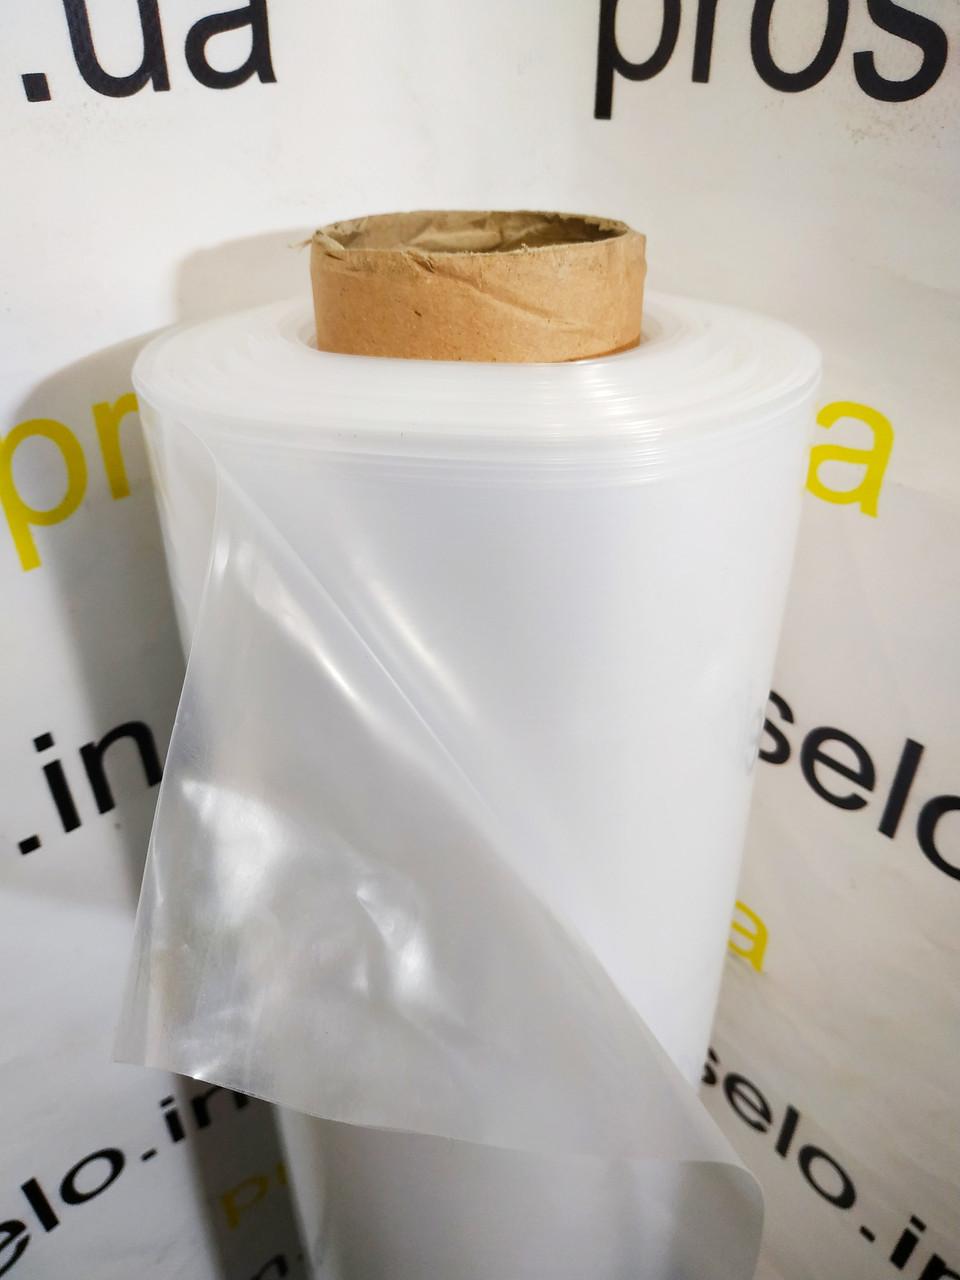 Пленка прозрачная. 70 мкм (Рулон 3м*100м). Тепличная, парниковая